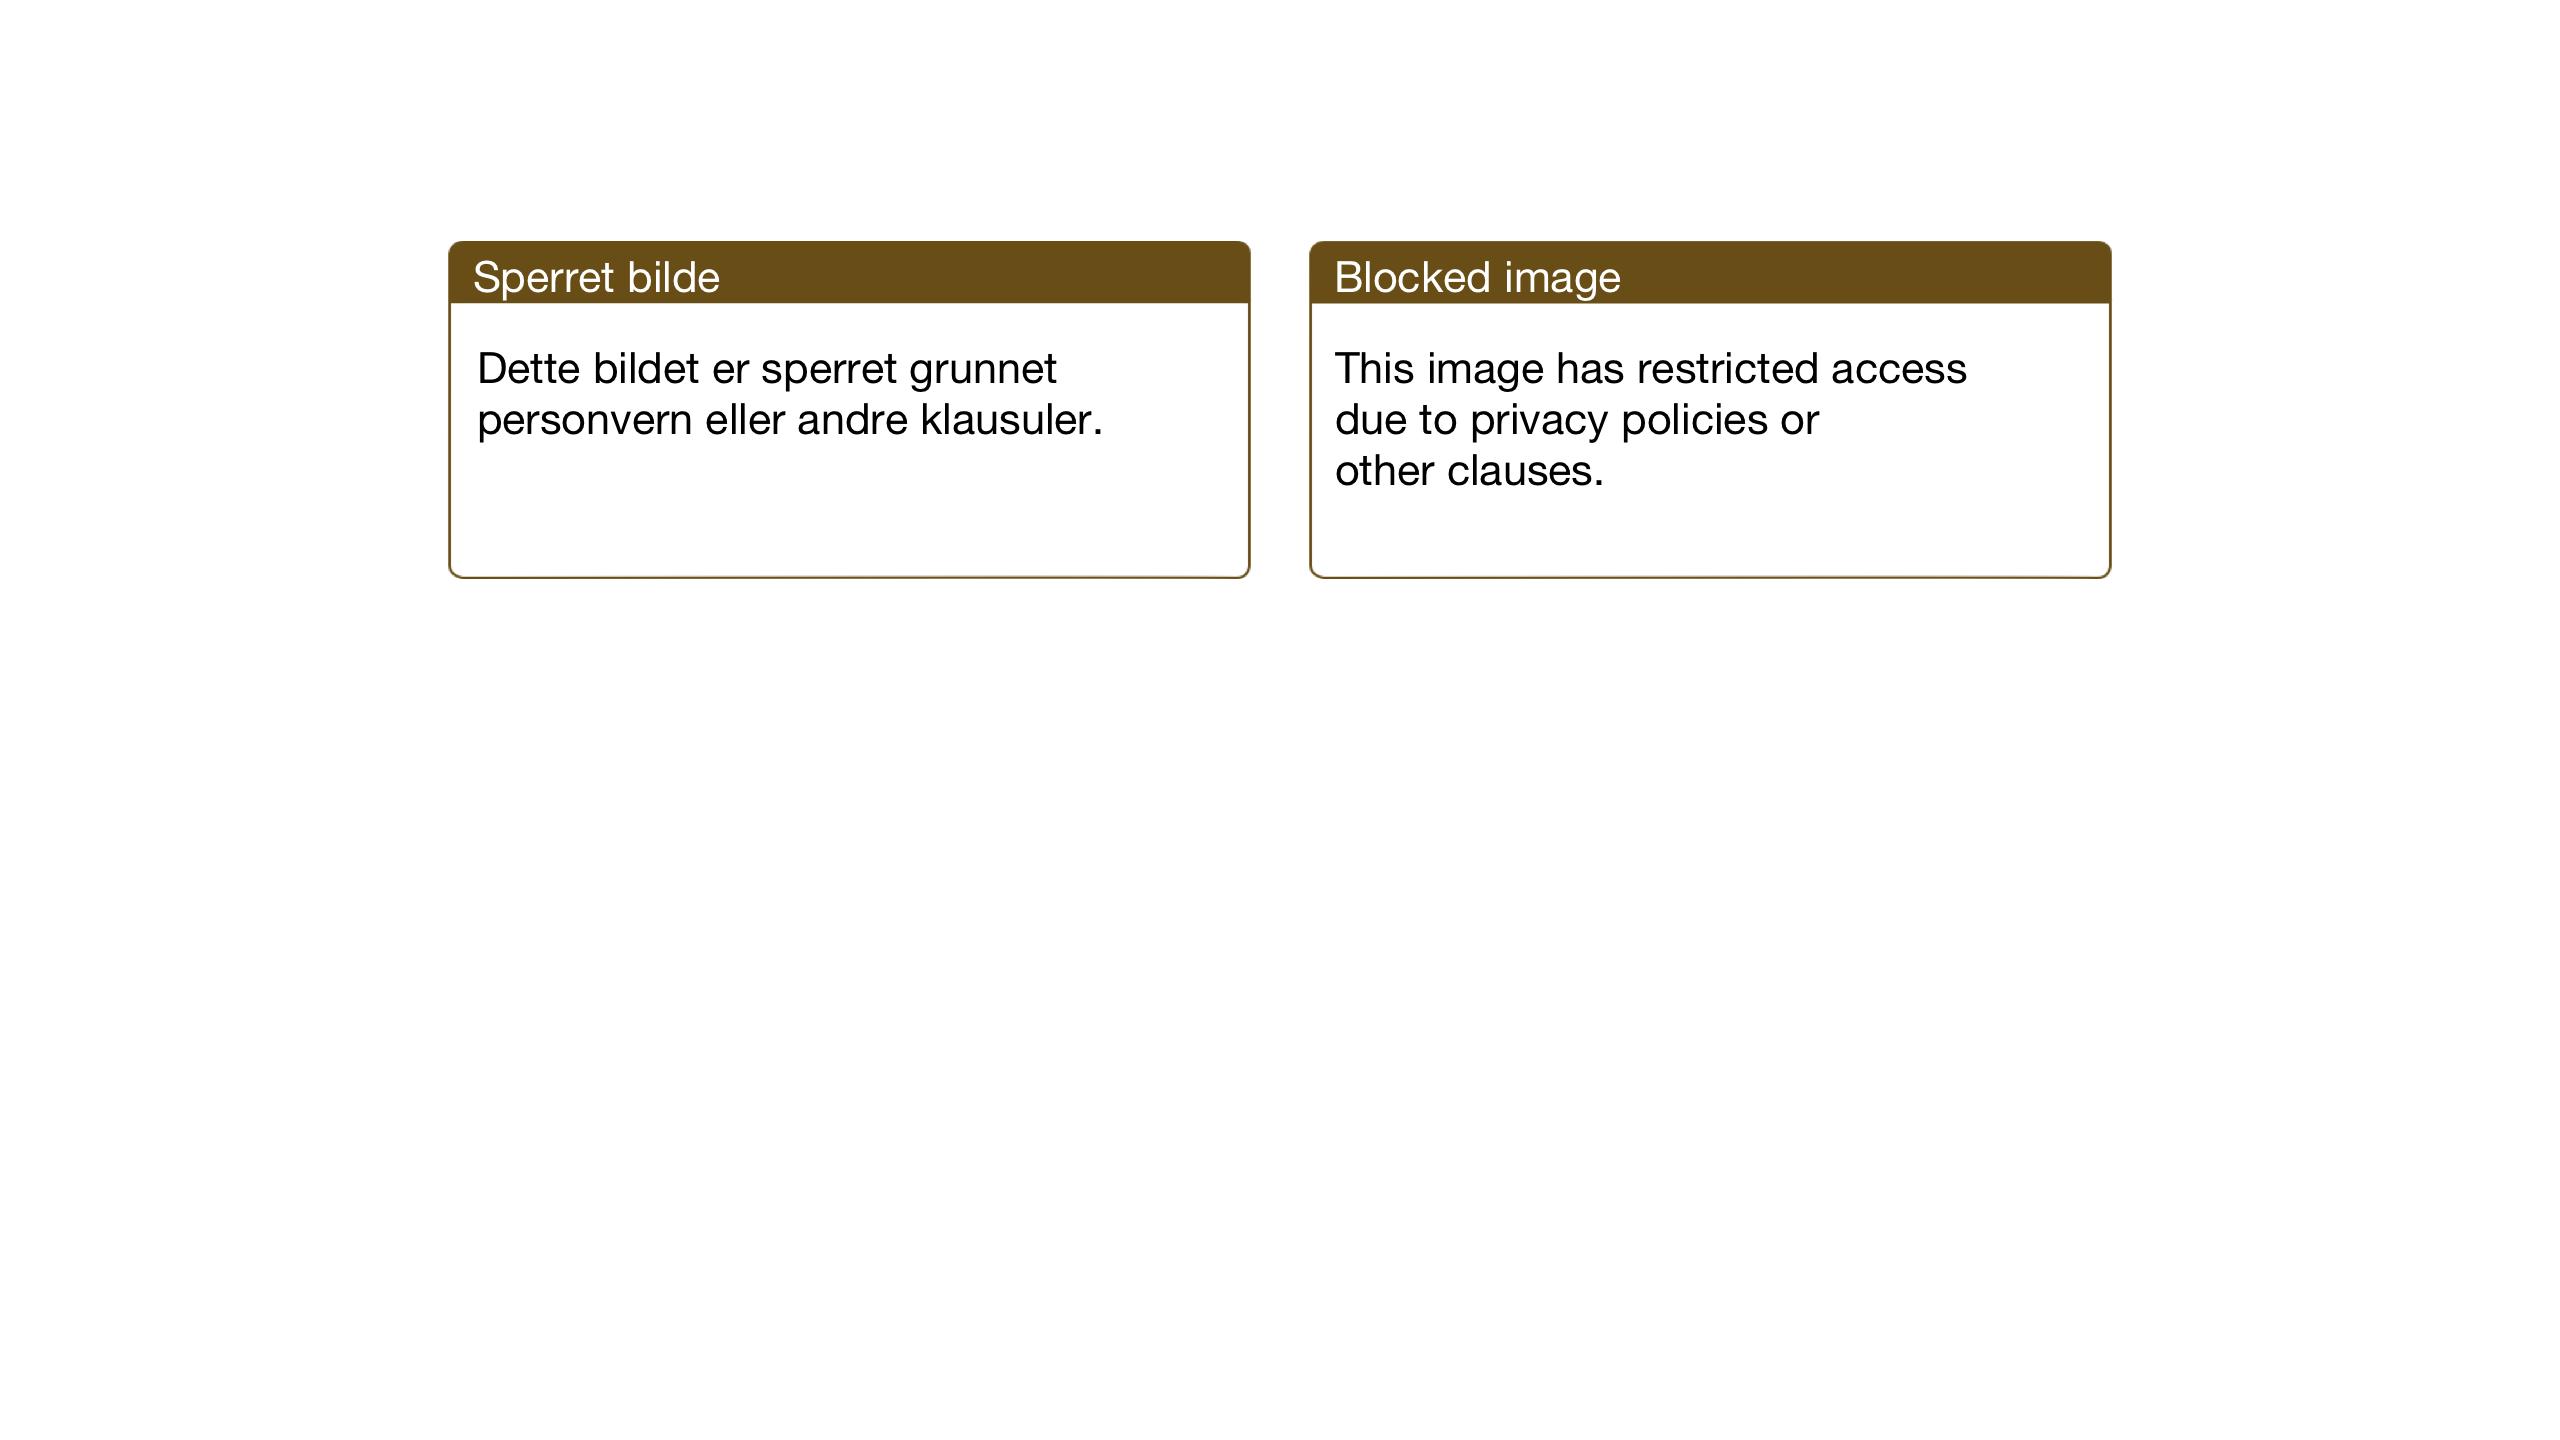 SAT, Ministerialprotokoller, klokkerbøker og fødselsregistre - Sør-Trøndelag, 662/L0758: Klokkerbok nr. 662C03, 1918-1948, s. 170